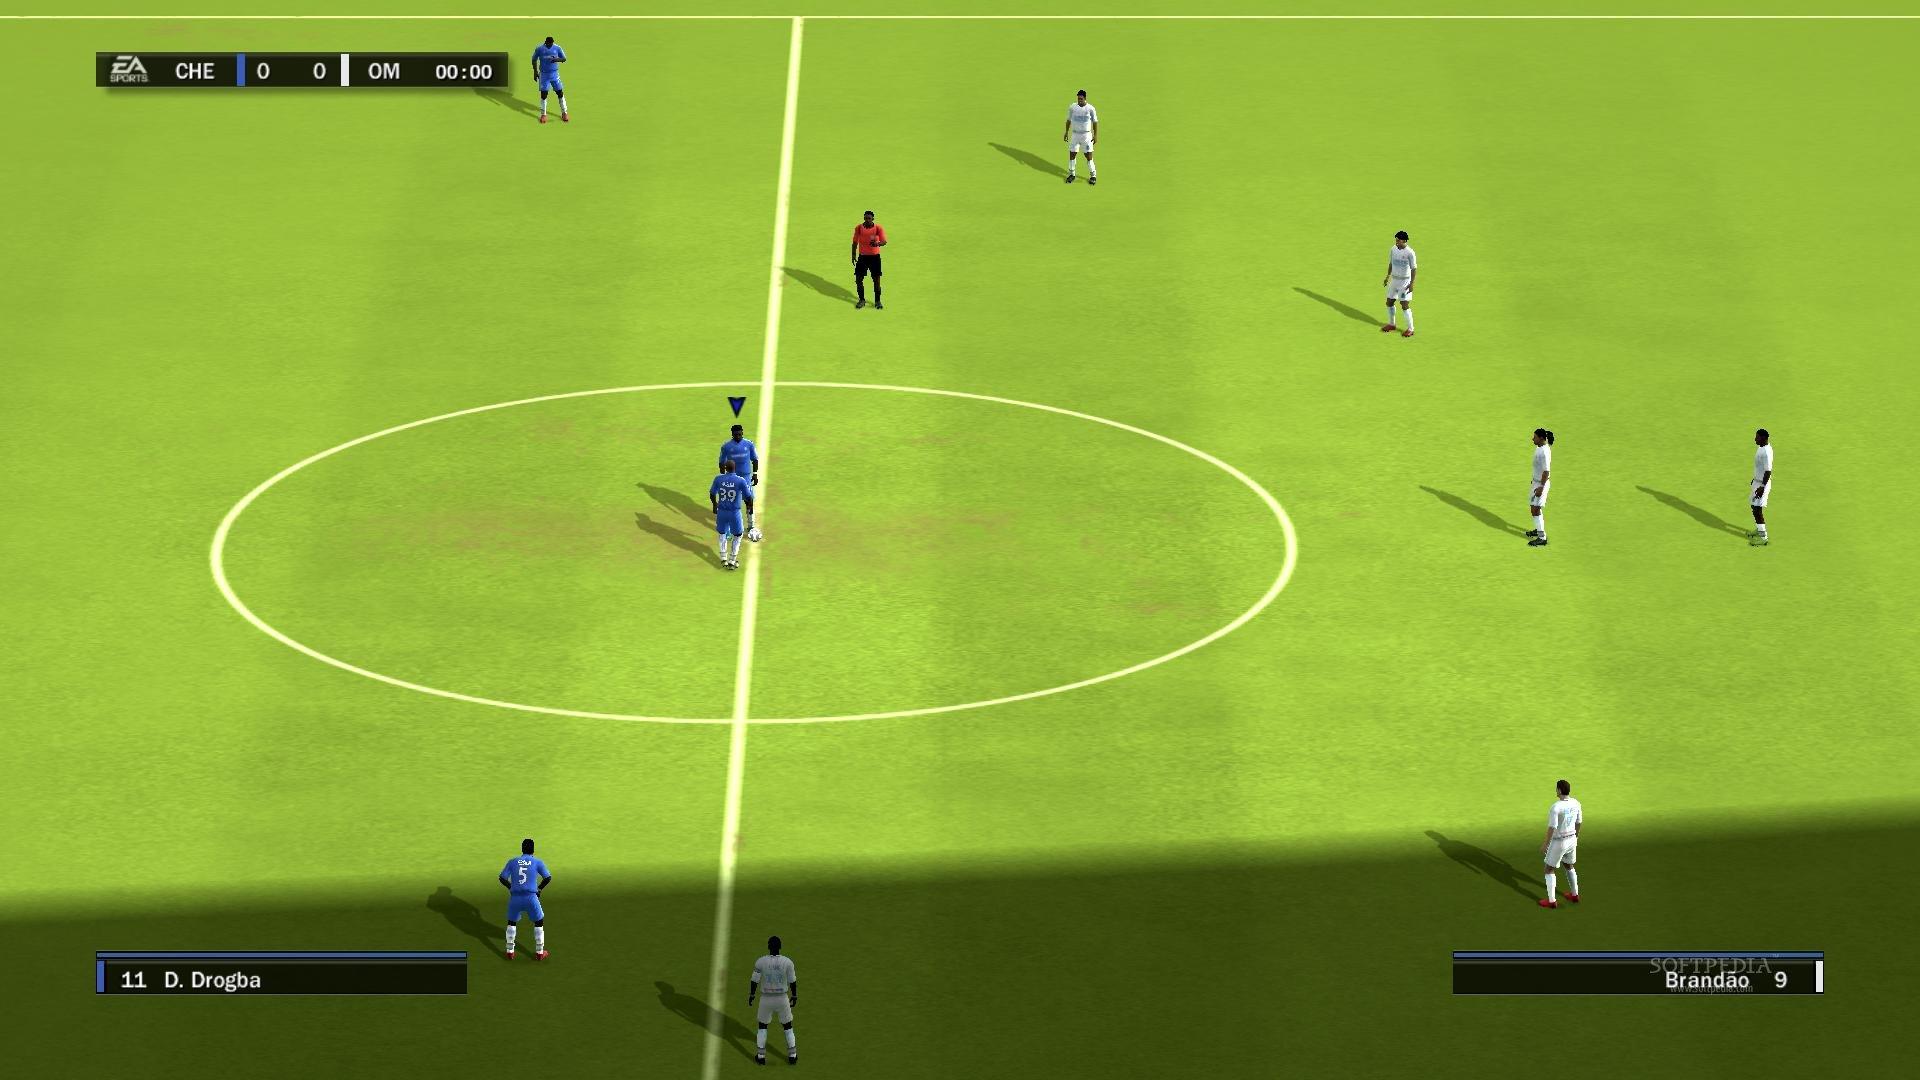 حصرية لعبة Fifa 10 فيفا 2010 على بلاي ستيشن 2 جديد